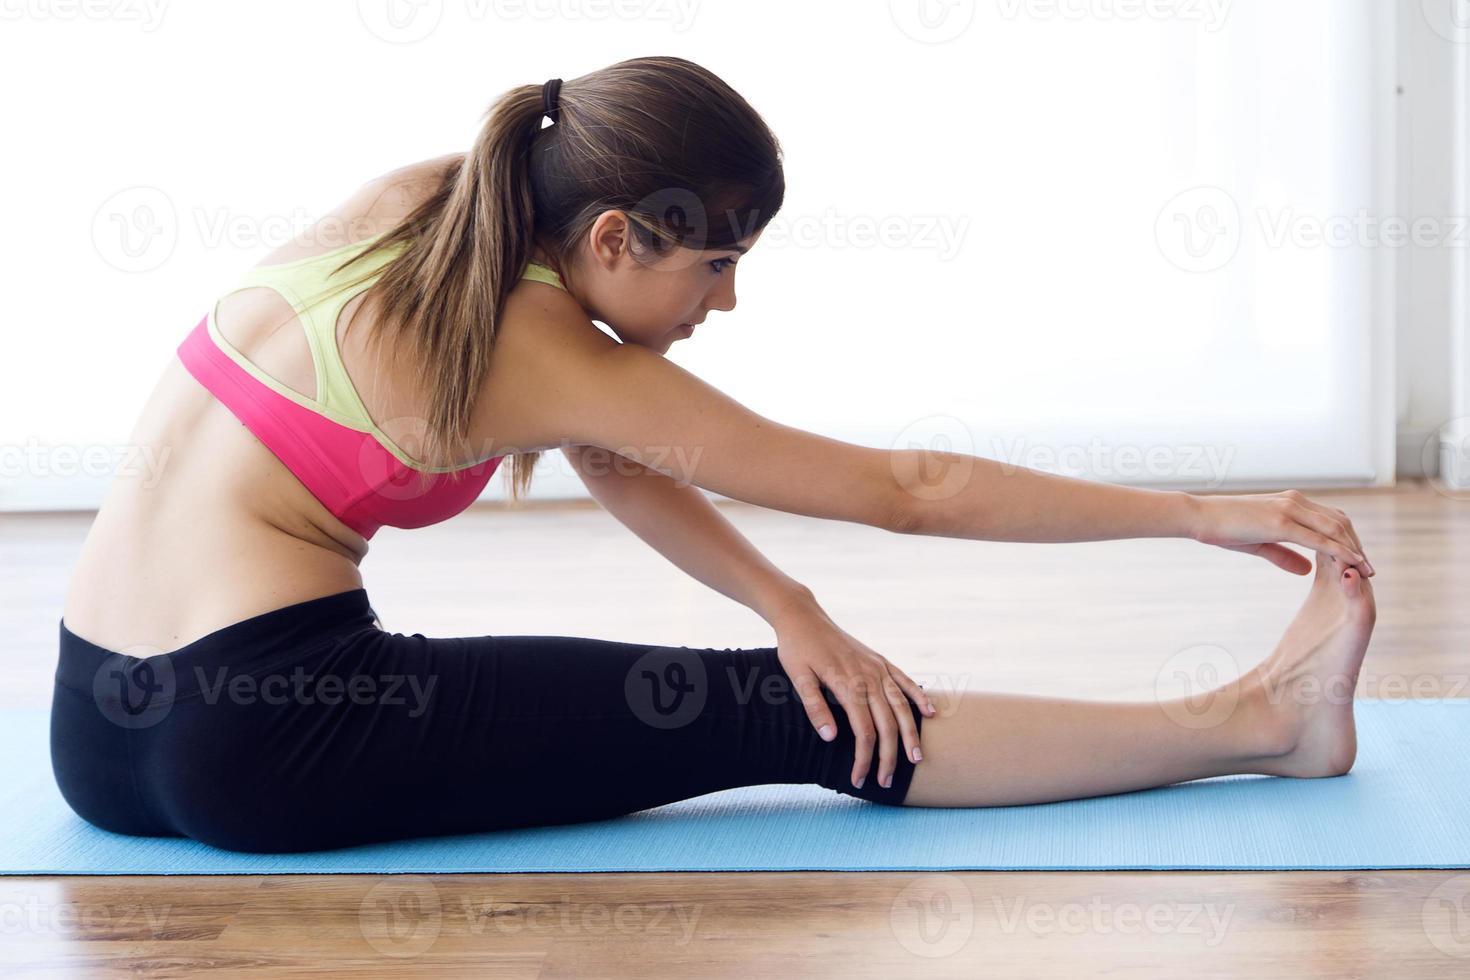 hermosa mujer joven sana haciendo ejercicio en casa. foto